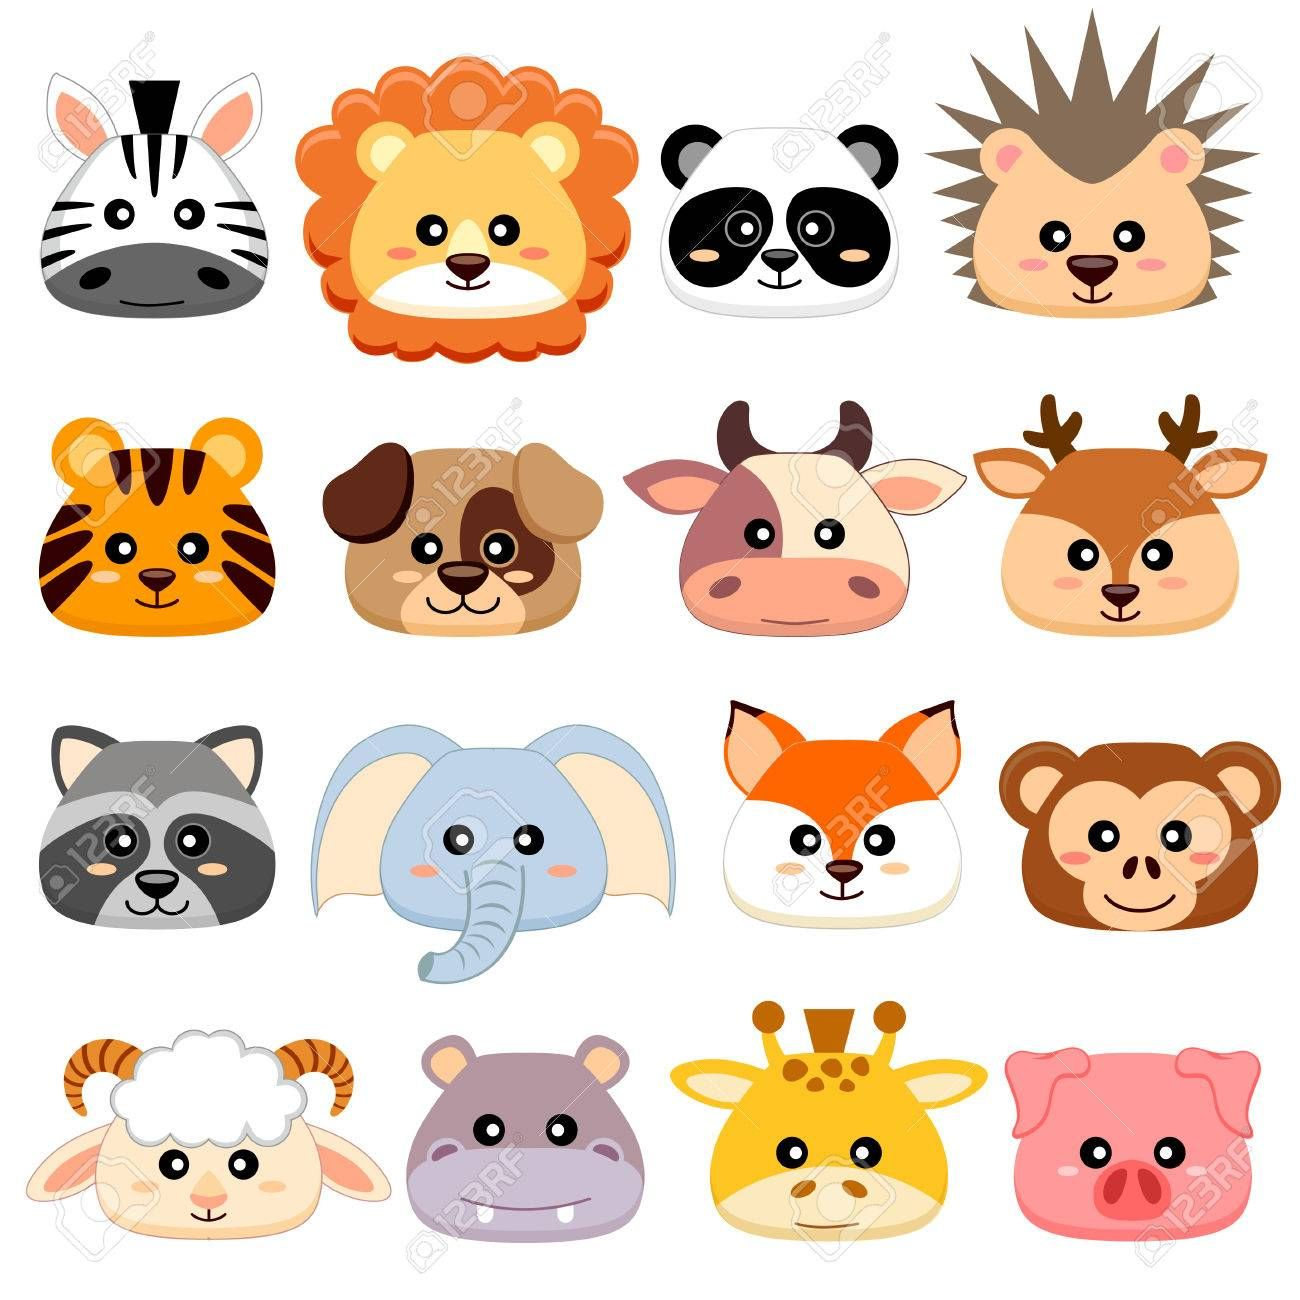 Cute Cartoon Animals Head Dog Pig Cow Deer Lion Sheep Caras De Animales Perros En Caricatura Perros Lindos